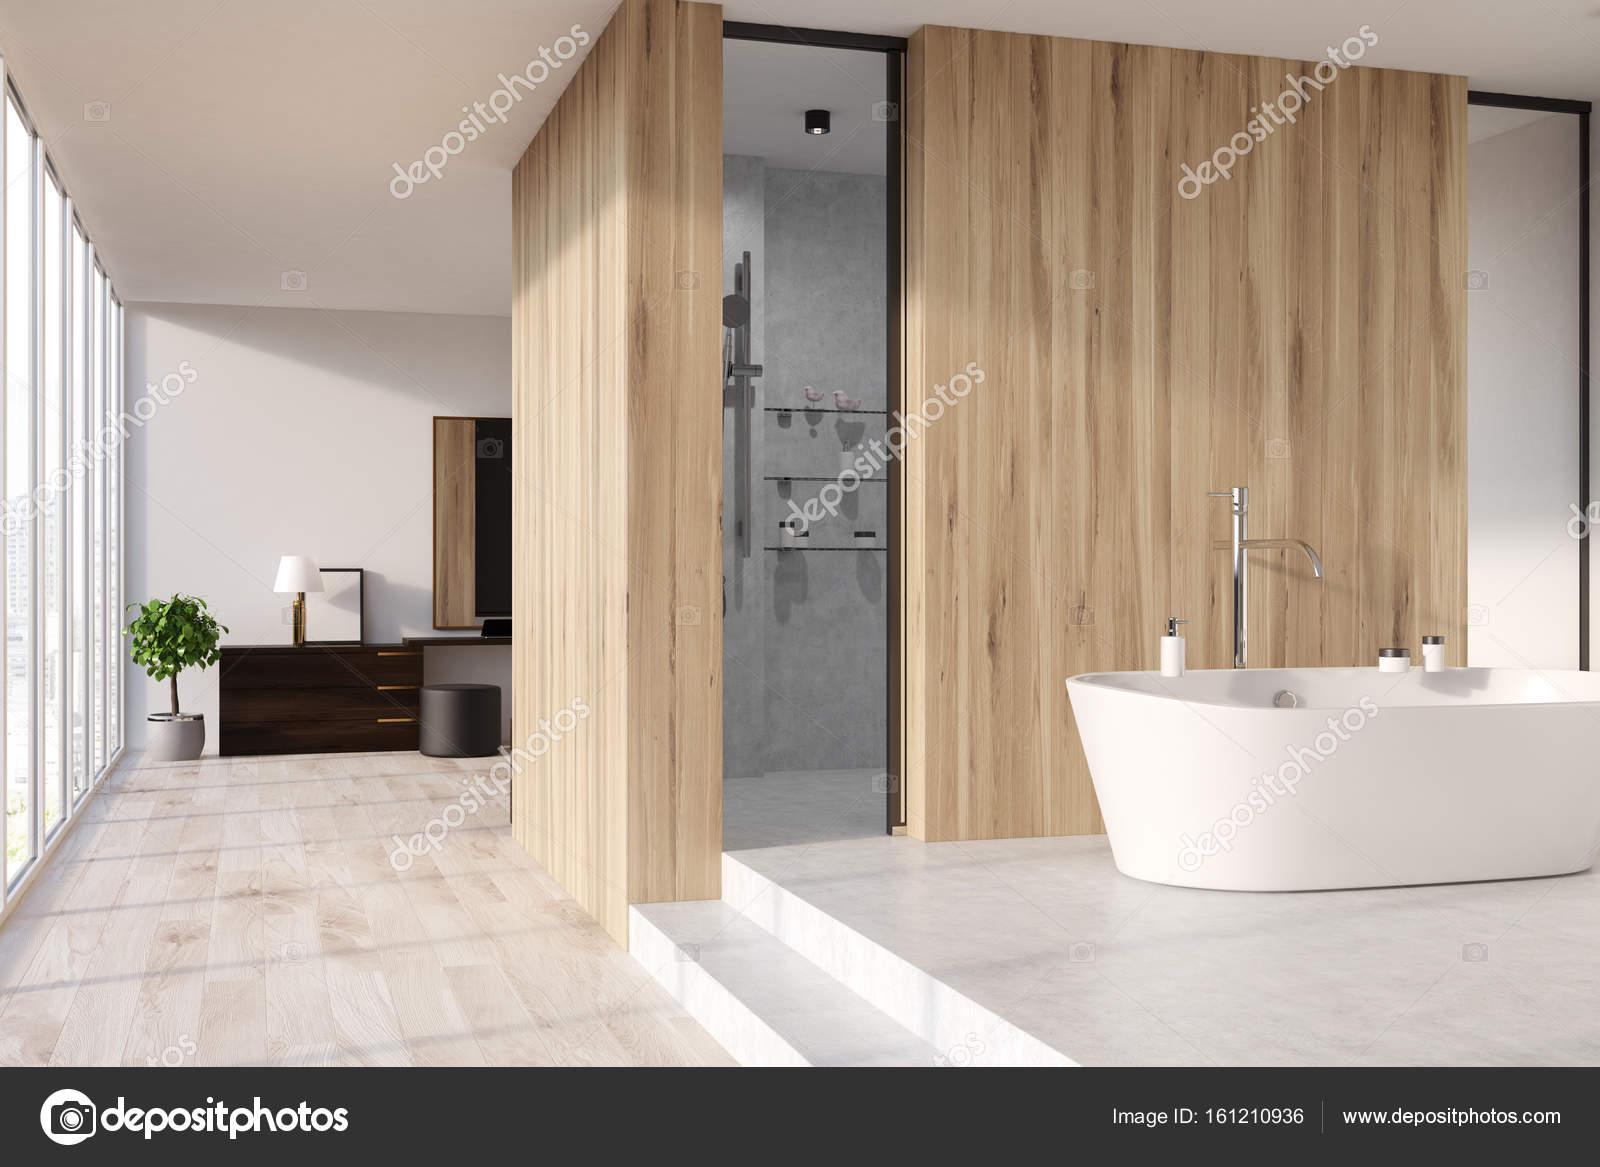 Aus Holz Bad Dusche Badewanne Stockfoto Denisismagilov 161210936